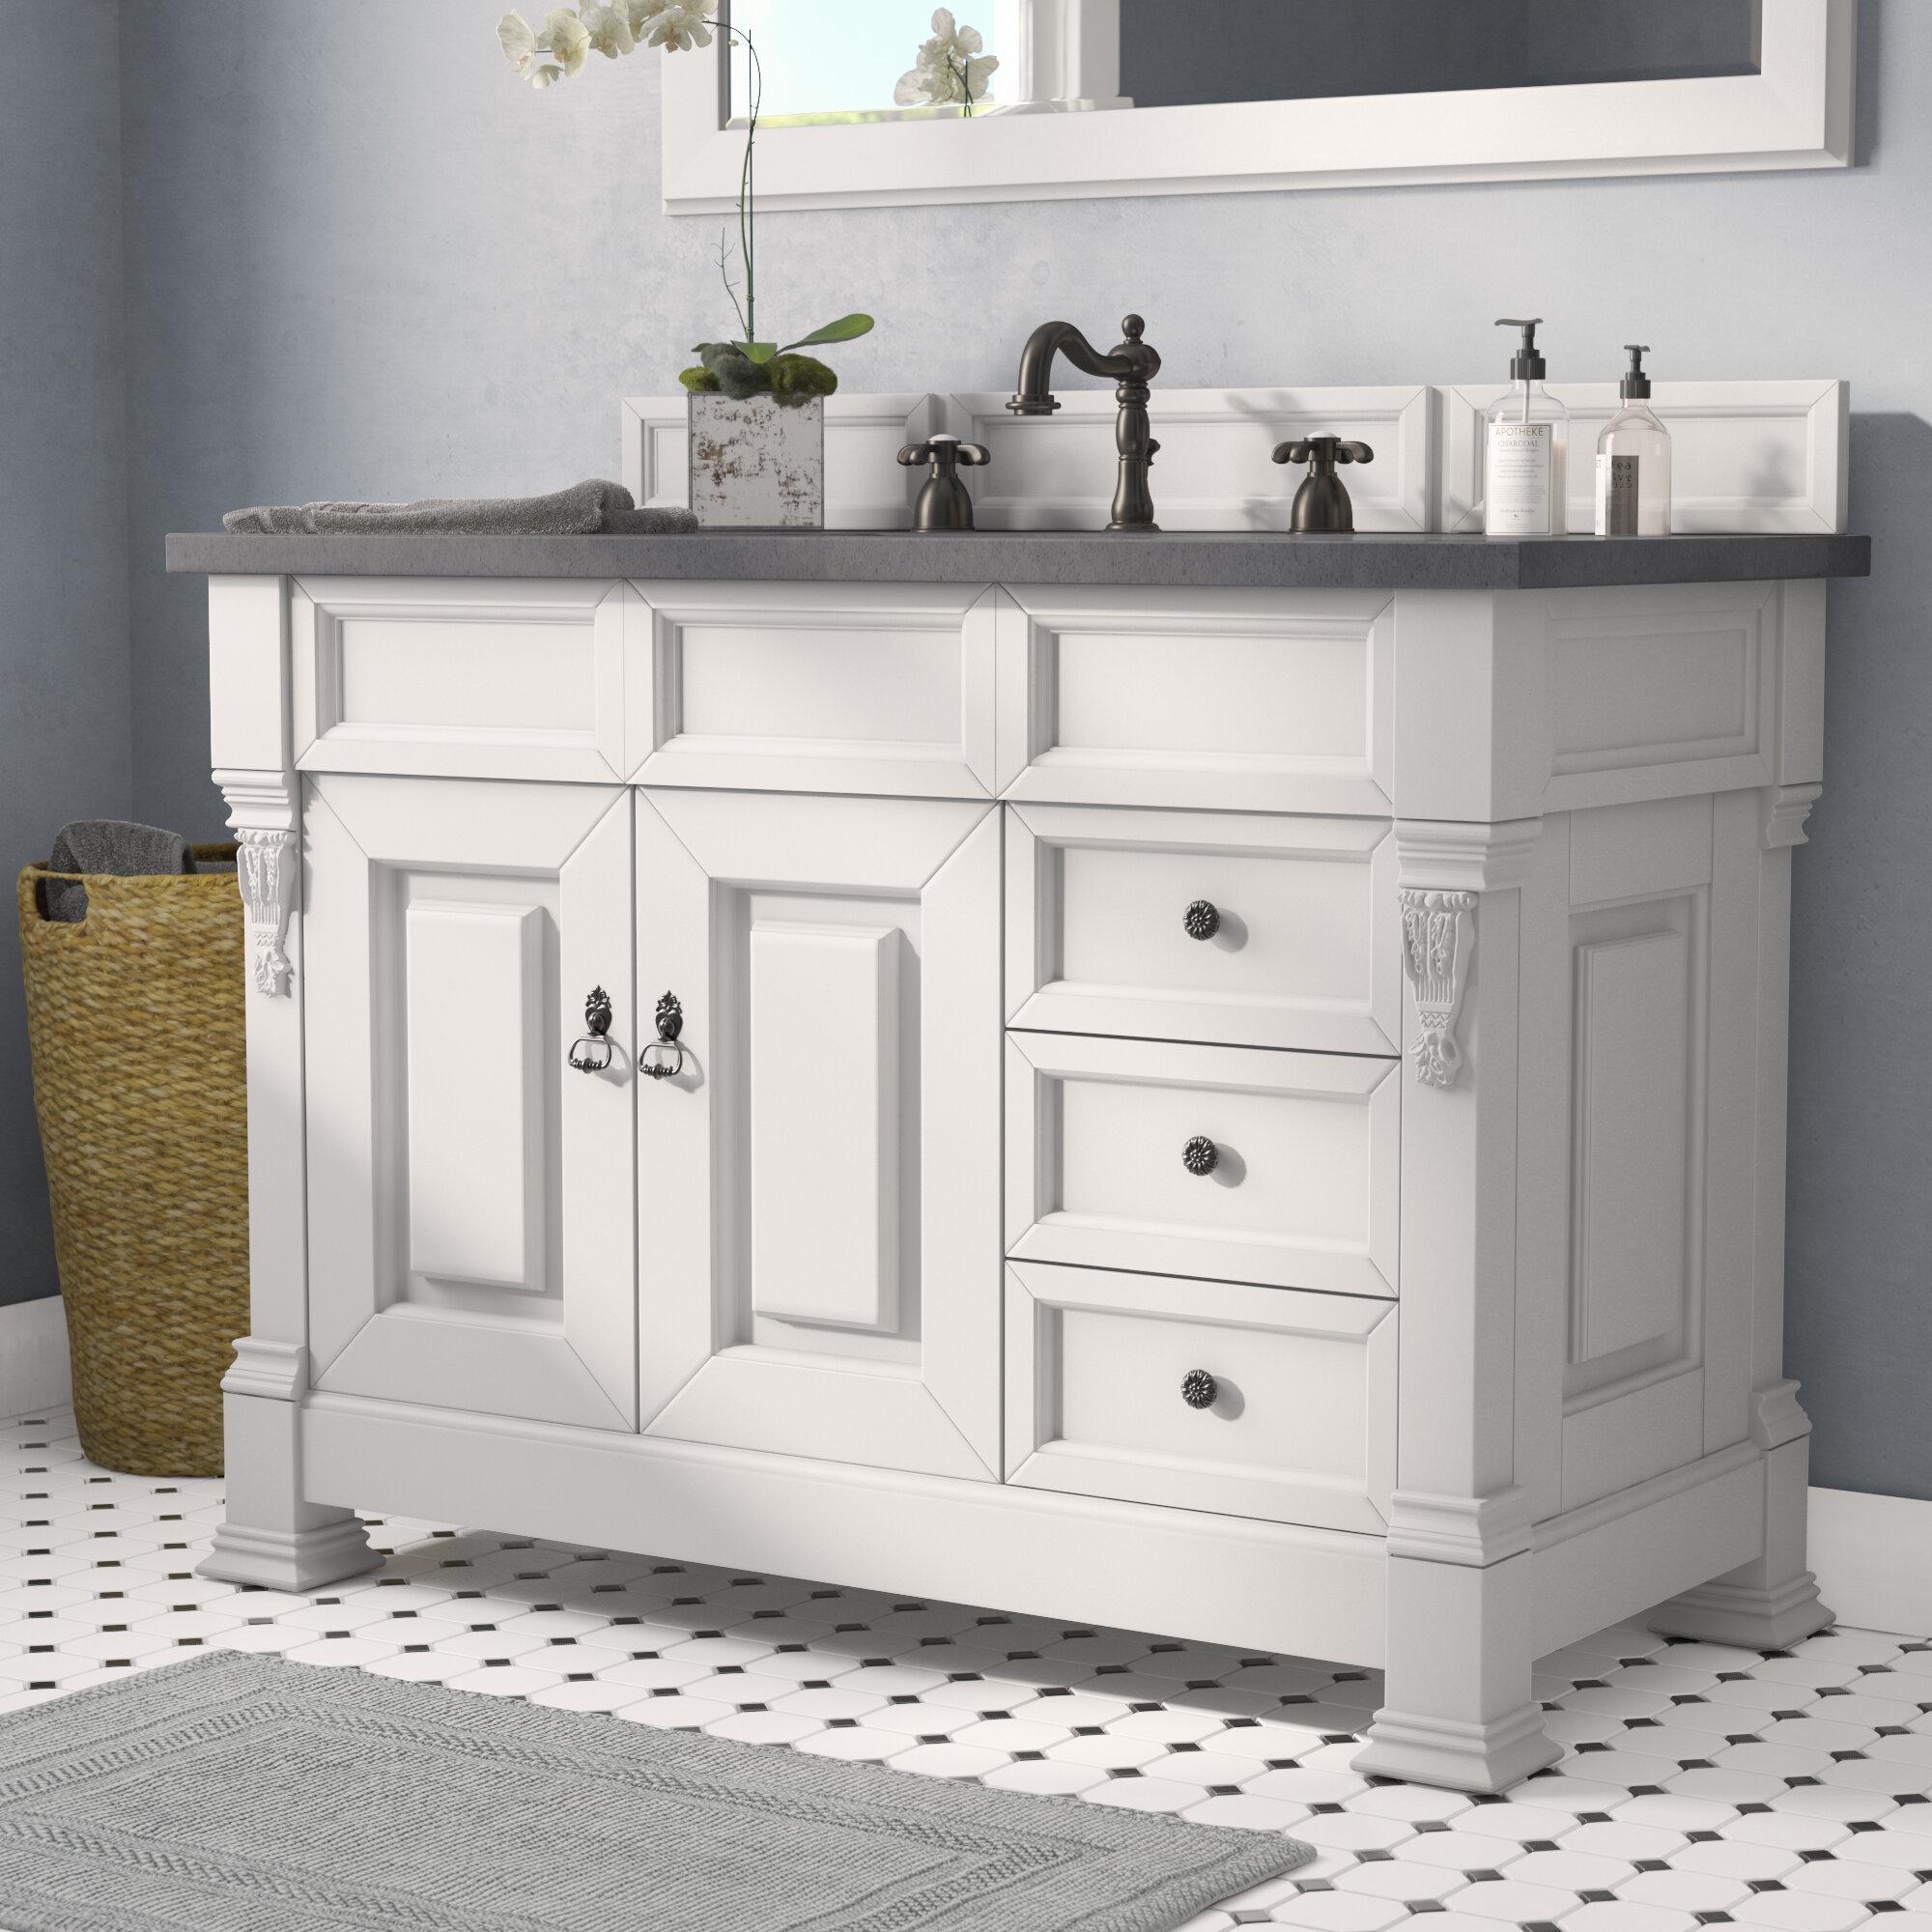 """Darby Home Co Bedrock 48"""" Single Bathroom Vanity Set with Drawers & Reviews   Wayfair"""